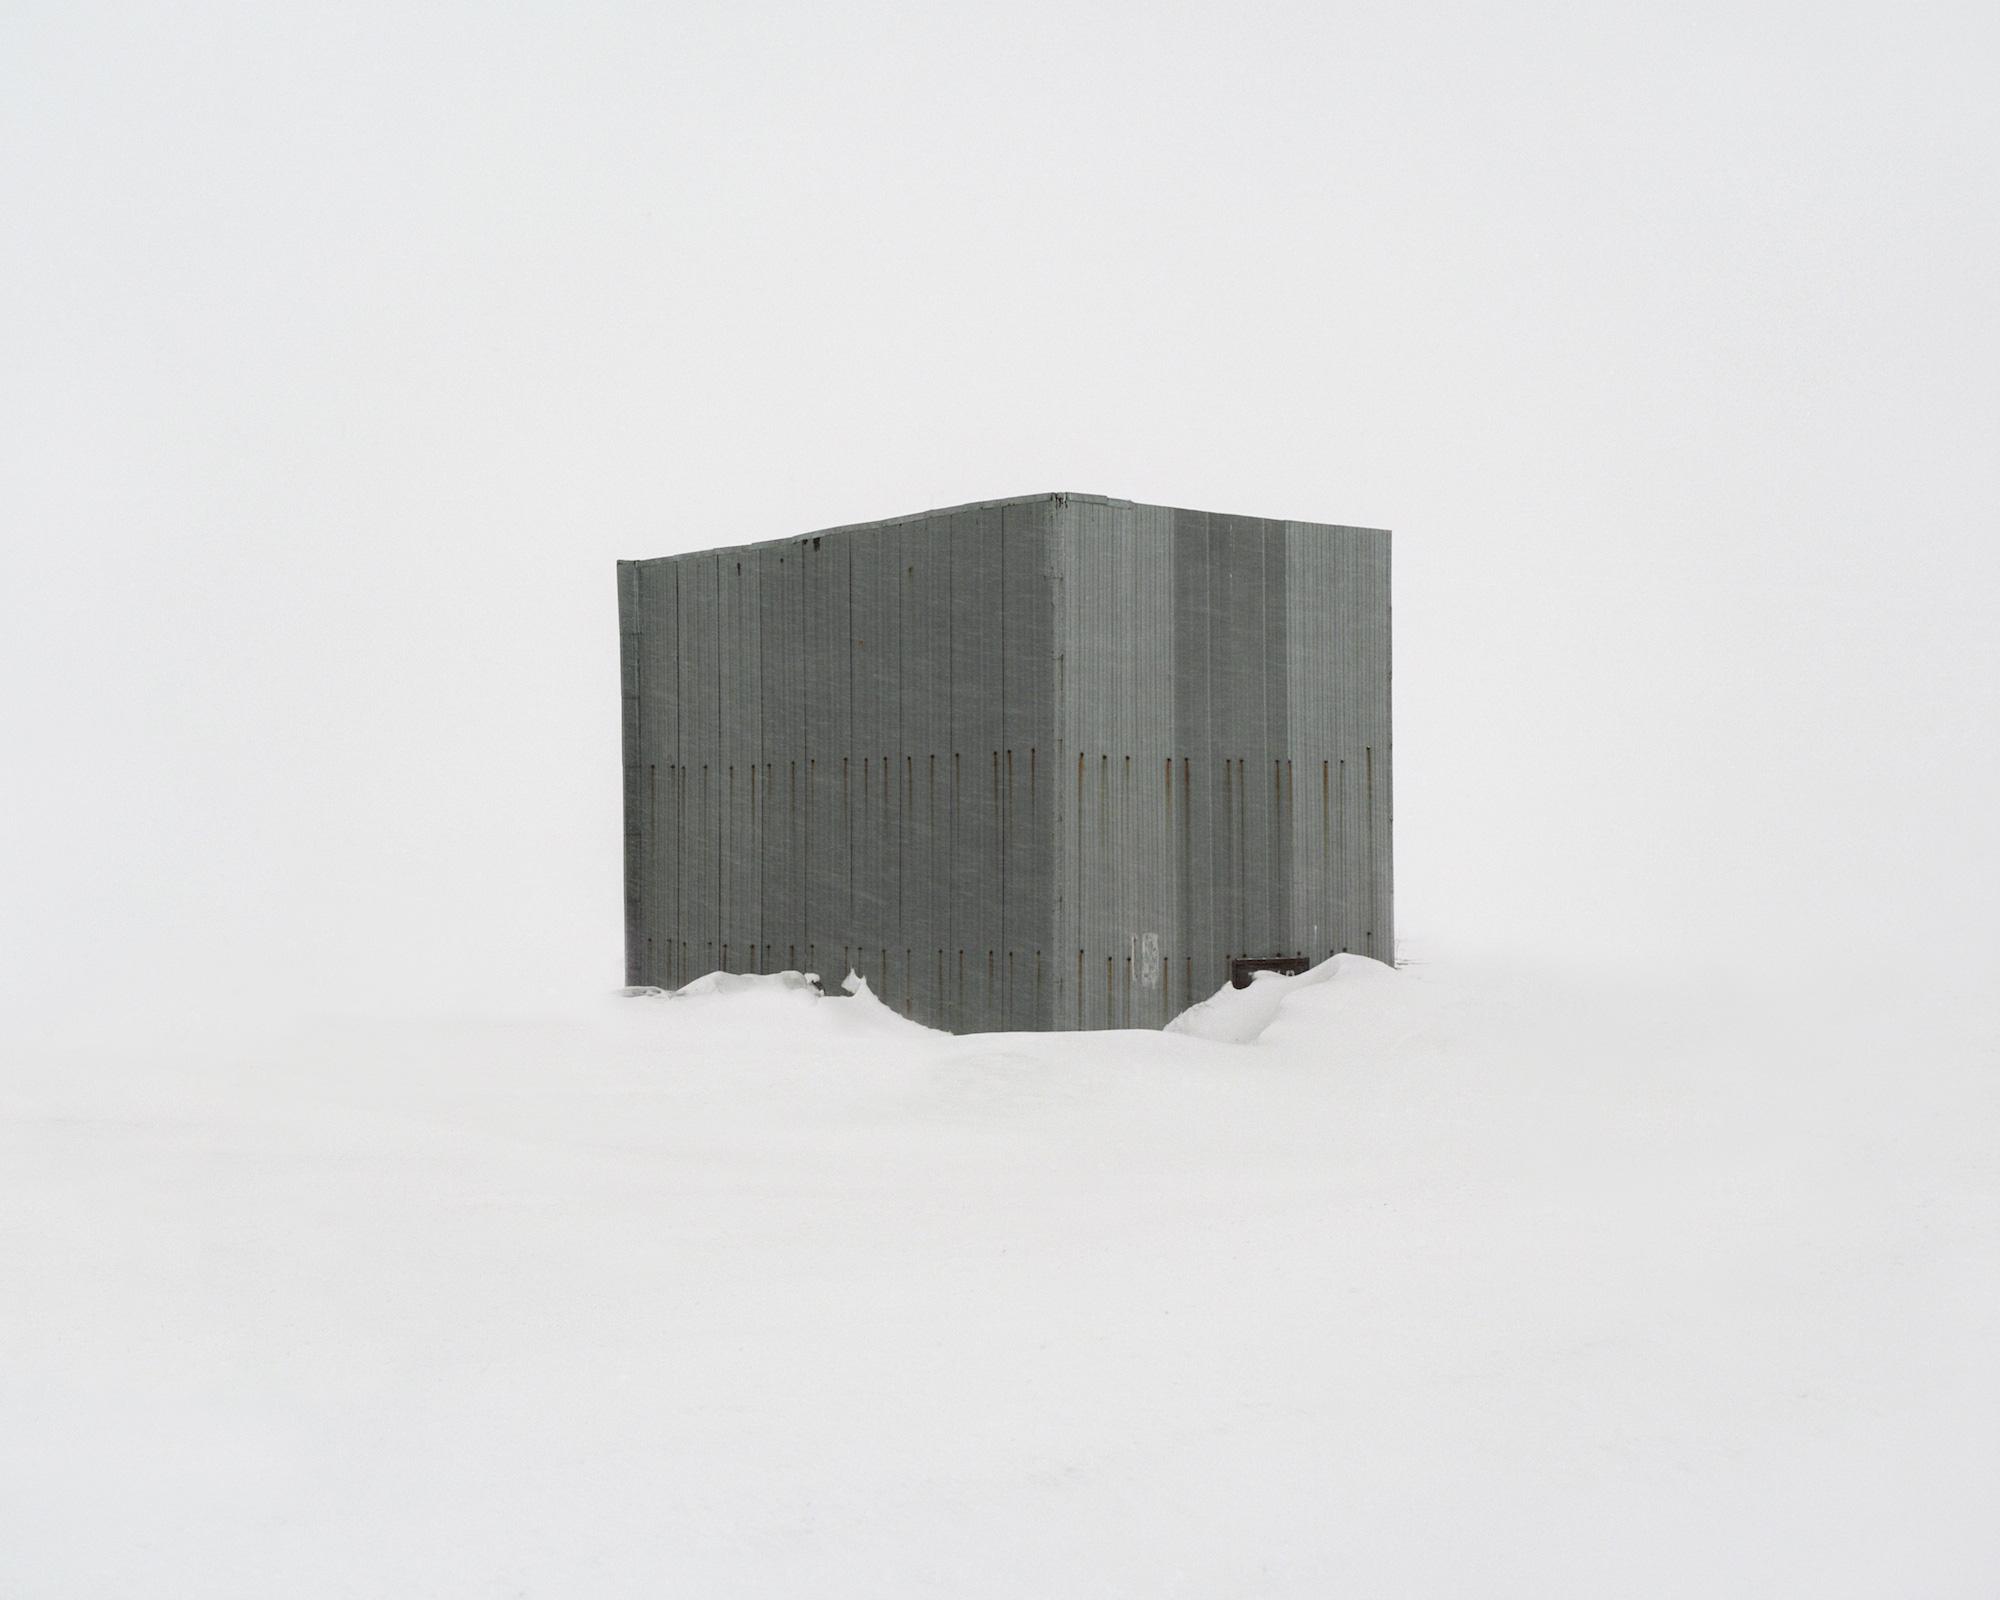 Sarkophag über einem 4 km tiefen Bohrloch, seinerzeit eine der tiefsten wissenschaftlichen Bohrungen weltweit – Russland, Region Murmansk, 2013